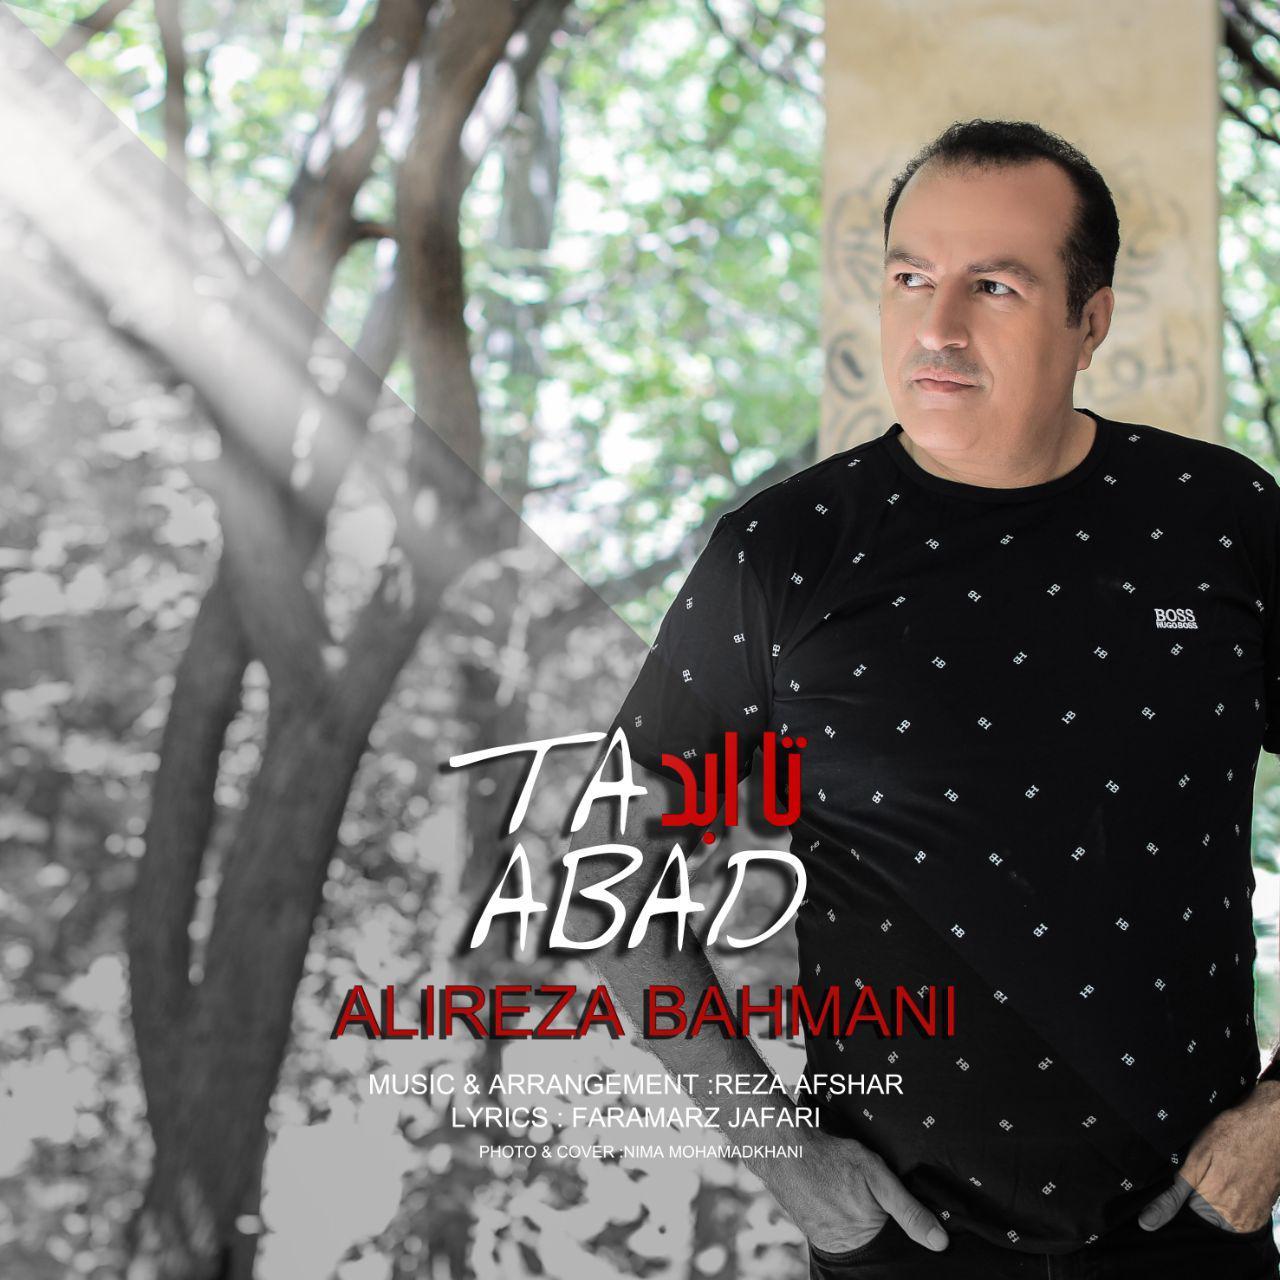 دانلود آهنگ جدید علیرضا بهمنی بنام تا ابد